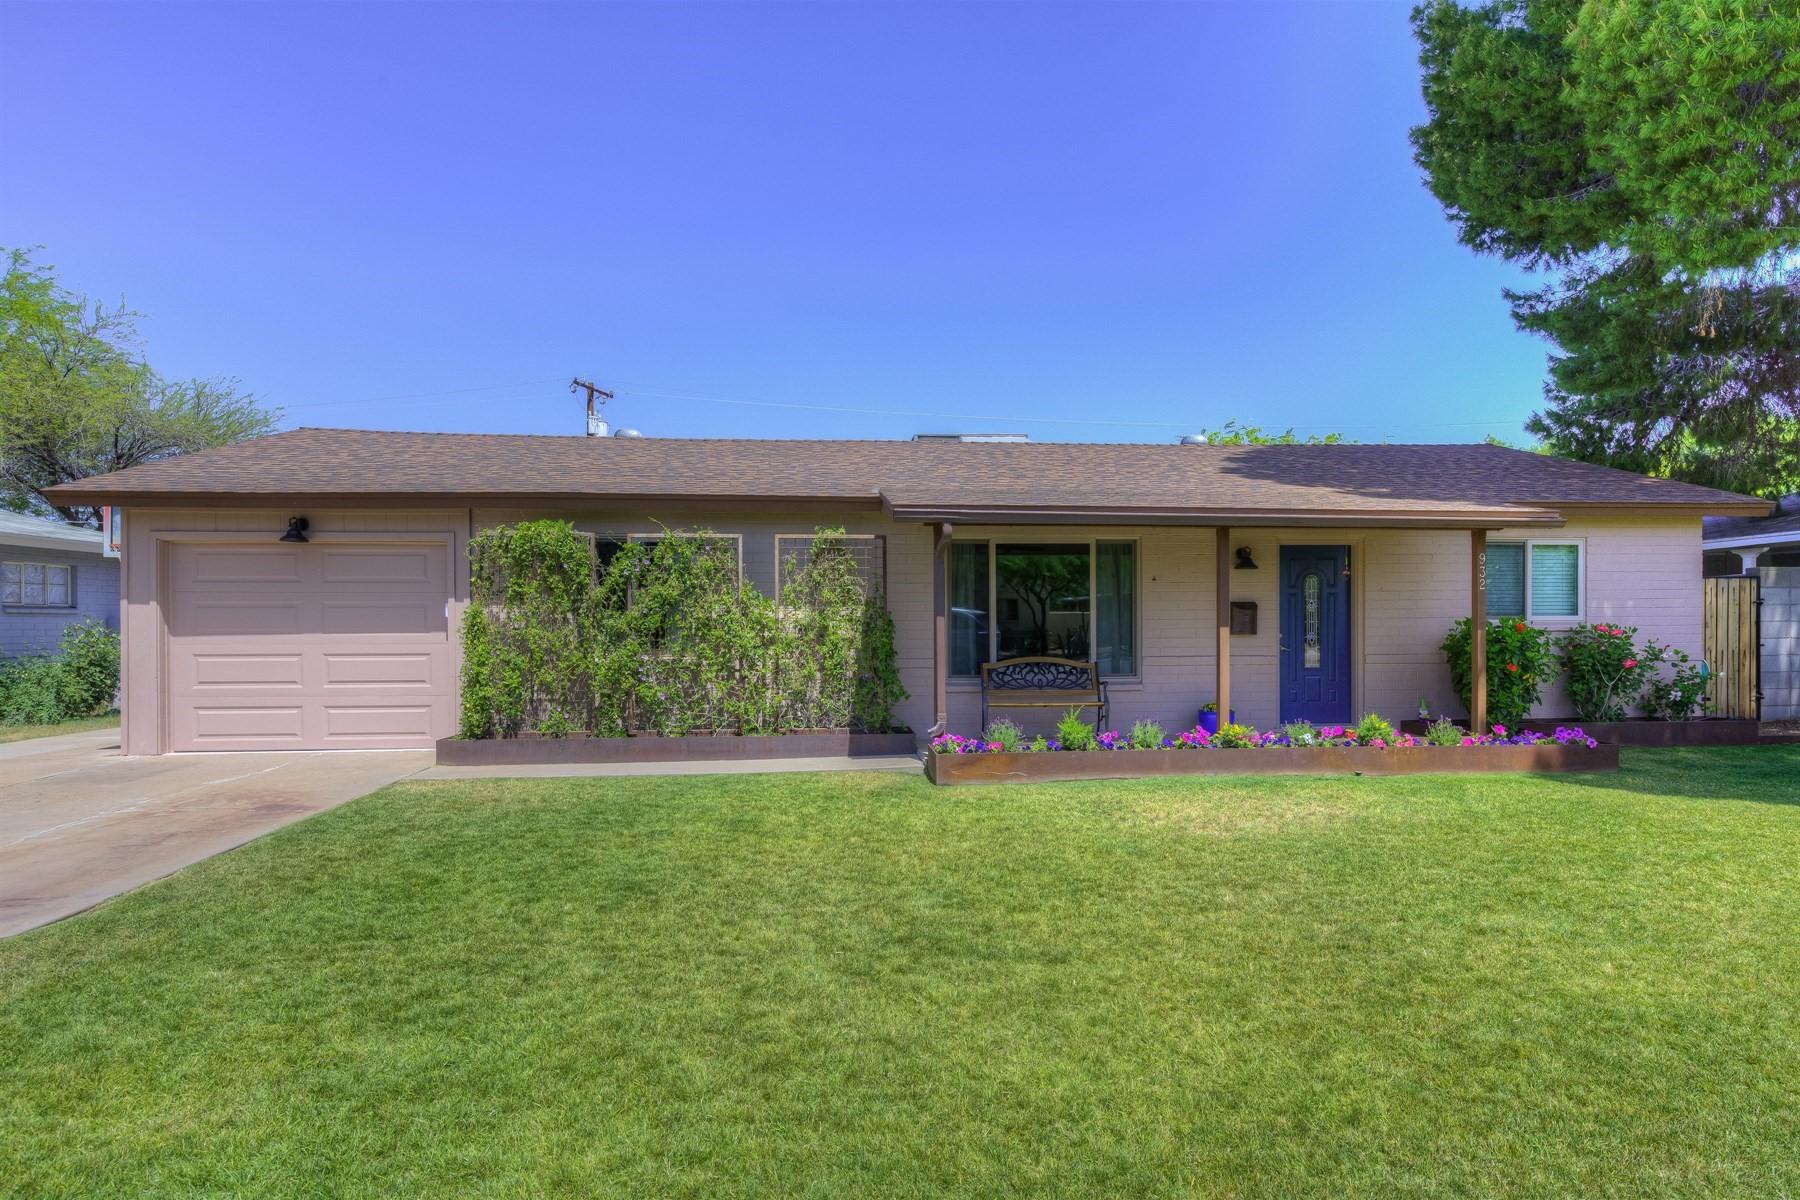 Moradia para Venda às Cozy Central Corridor charmer located in Phoenix 932 E San Miguel Ave Phoenix, Arizona, 85014 Estados Unidos